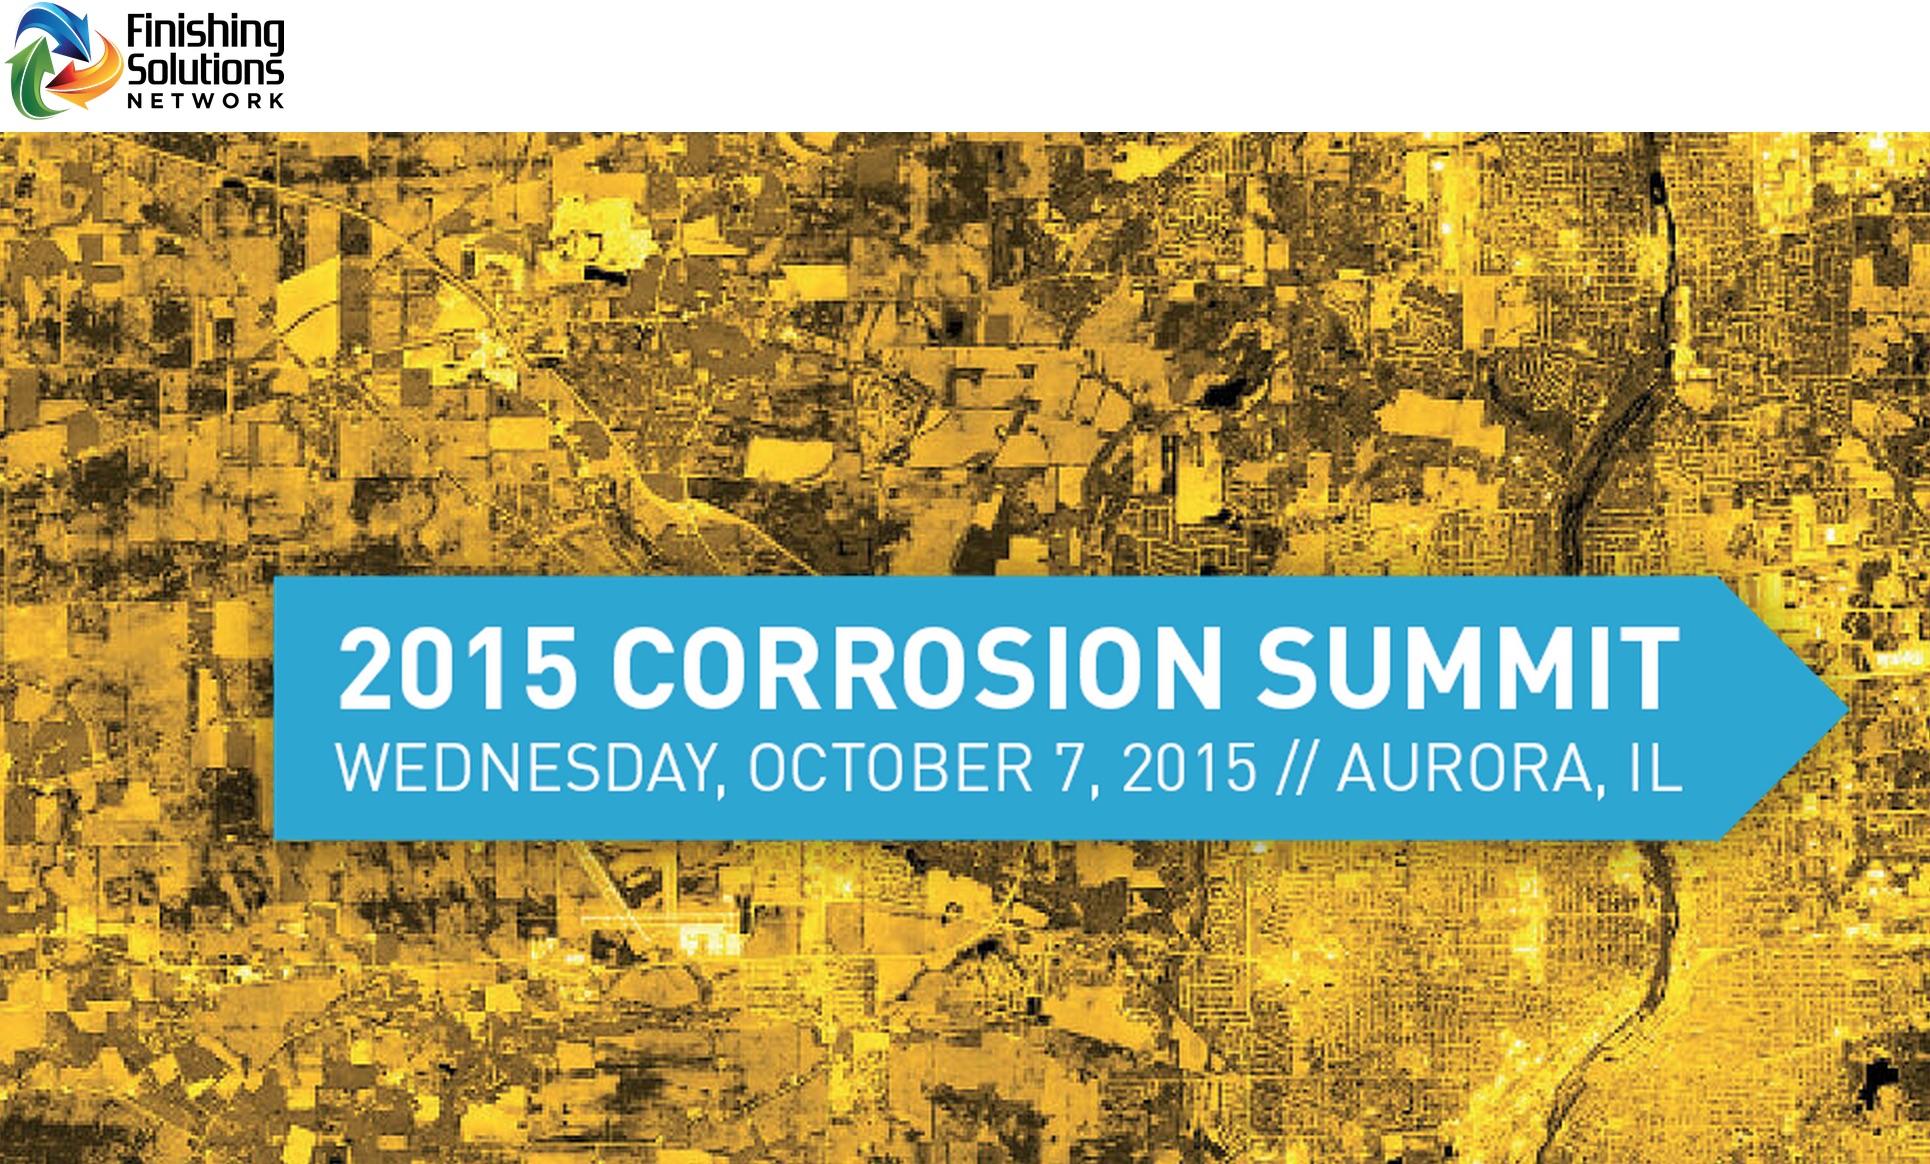 fsn corrosion summit